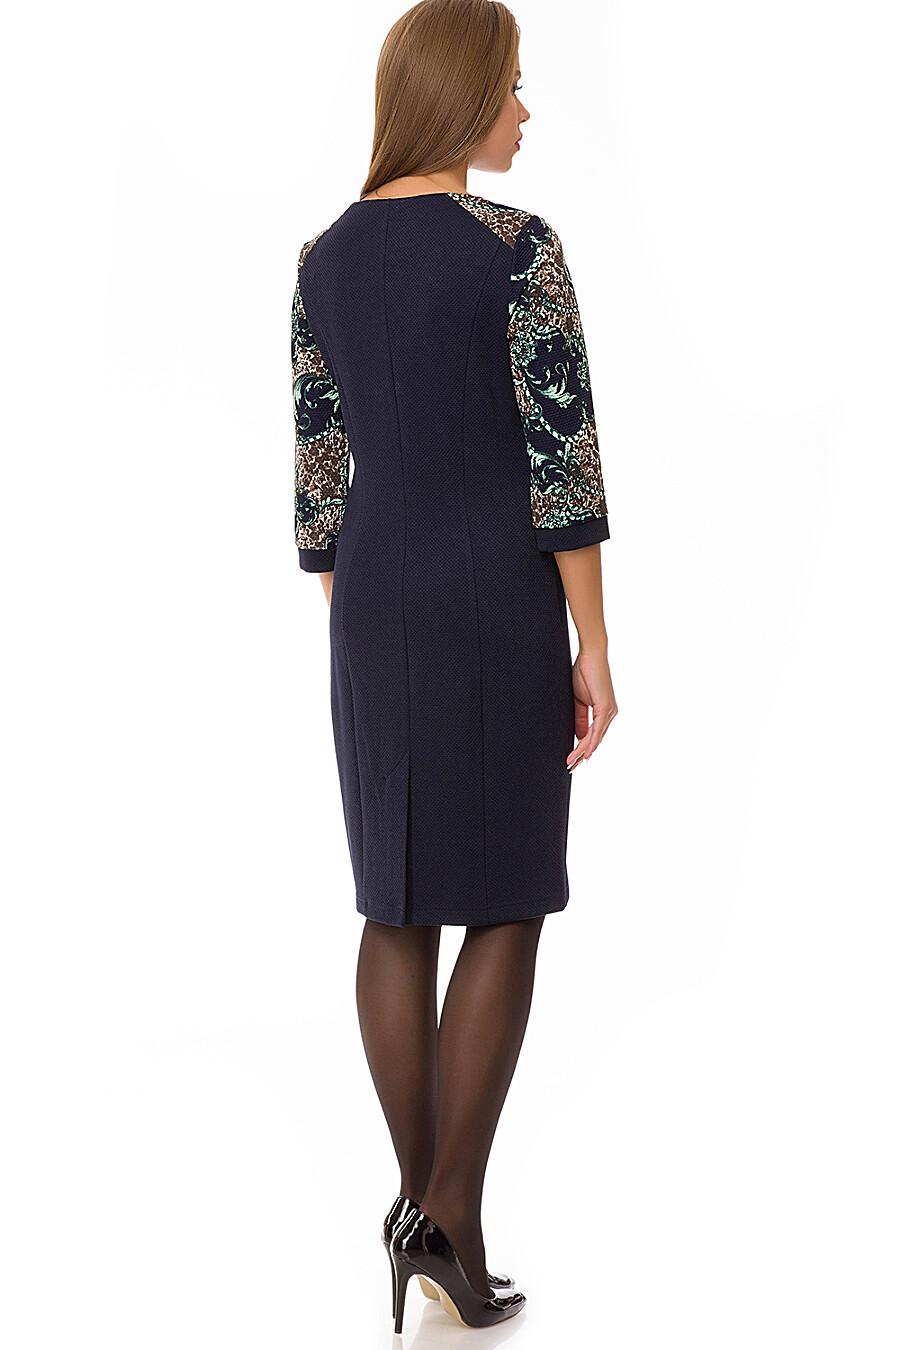 Платье #72285